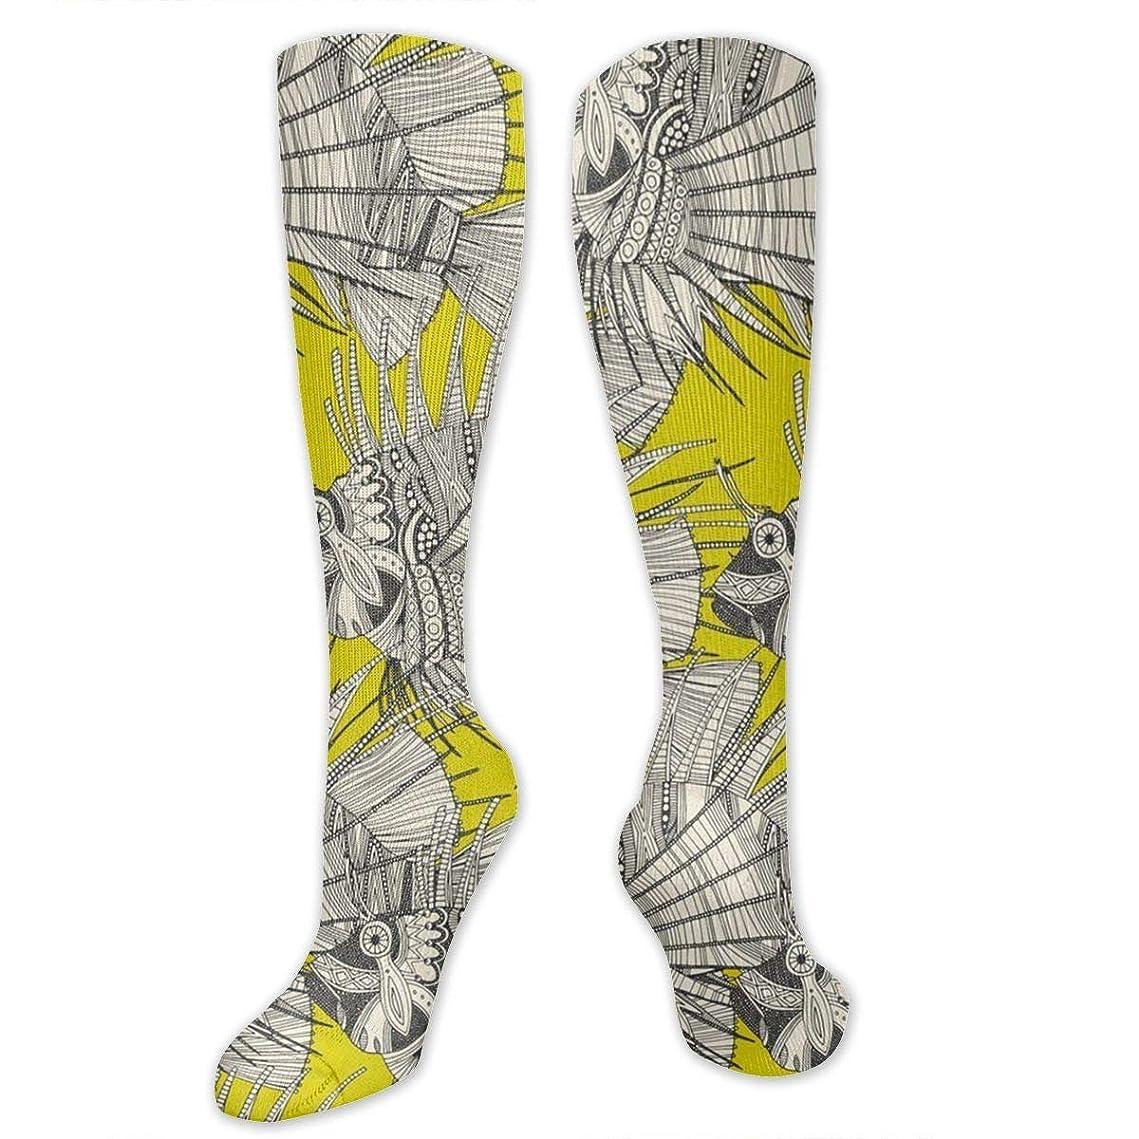 ジョージバーナード情熱的隣人靴下,ストッキング,野生のジョーカー,実際,秋の本質,冬必須,サマーウェア&RBXAA Fish Mirage Chartreuse Socks Women's Winter Cotton Long Tube Socks Knee High Graduated Compression Socks